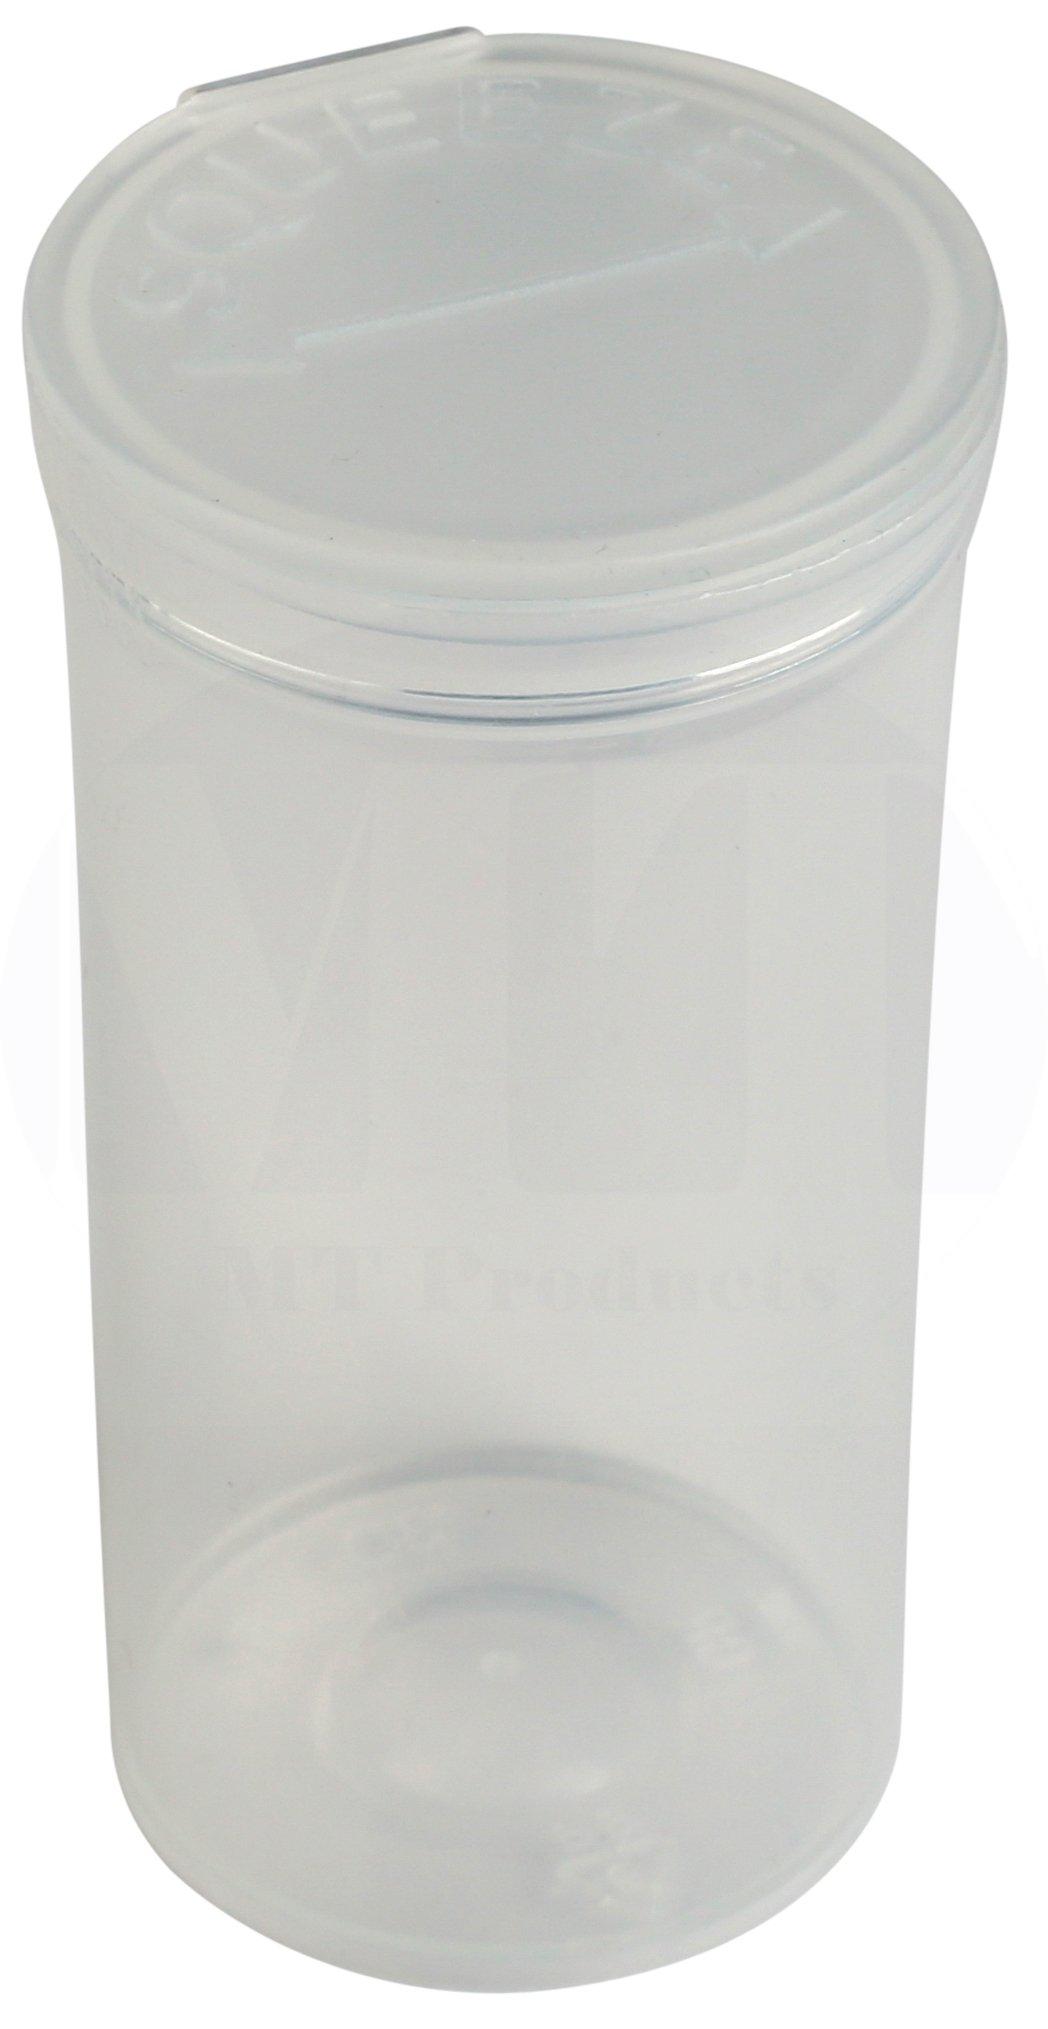 MT Products 19 Dram Pop Top Prescription Bottle (15 Pieces) (Clear)